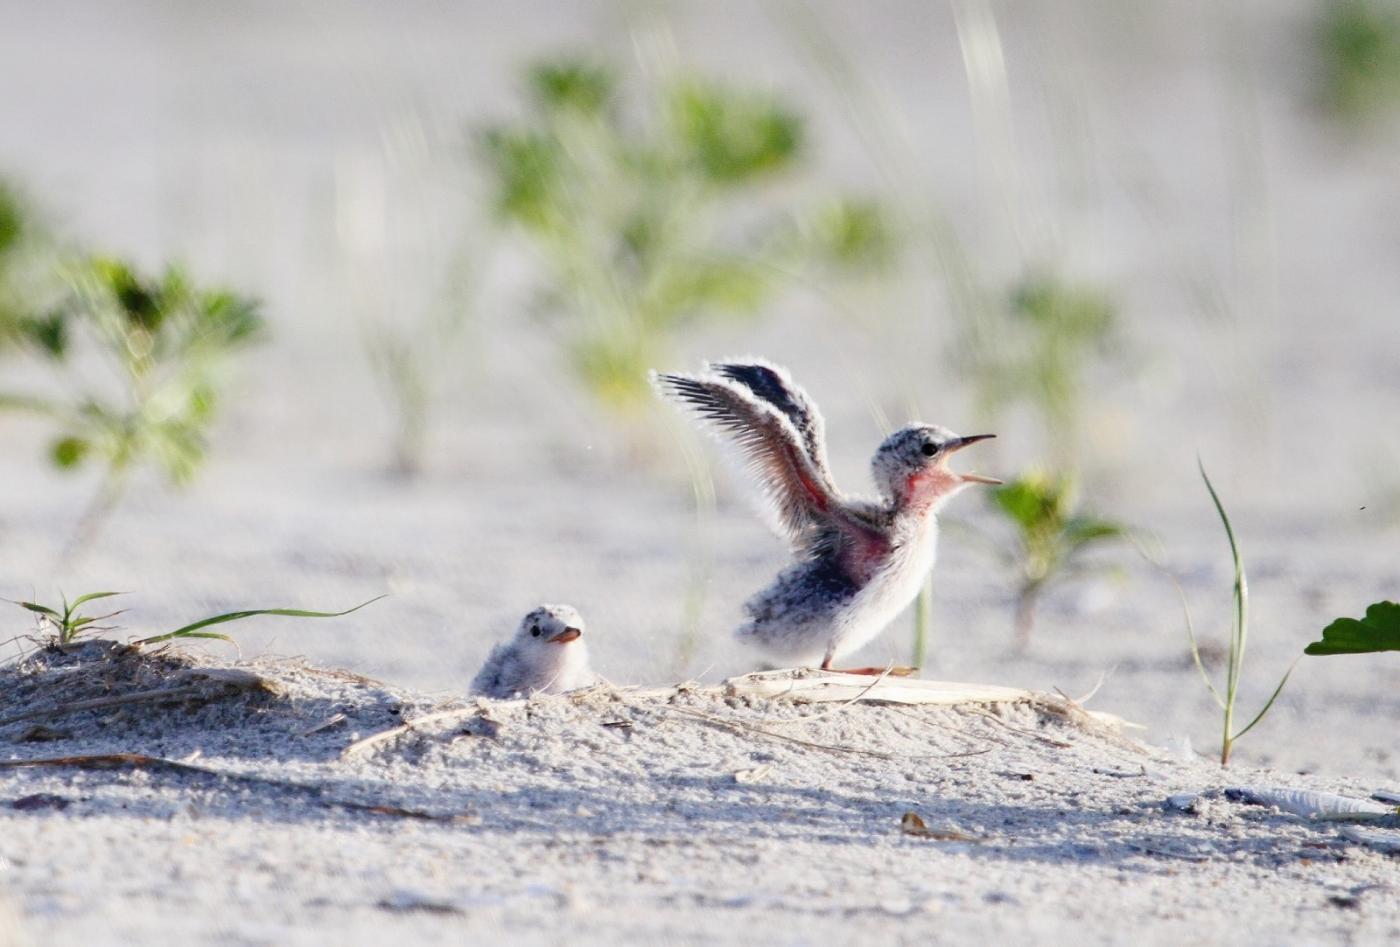 【田螺摄影】黄嘴燕鸥整个出生成长的过程_图1-11